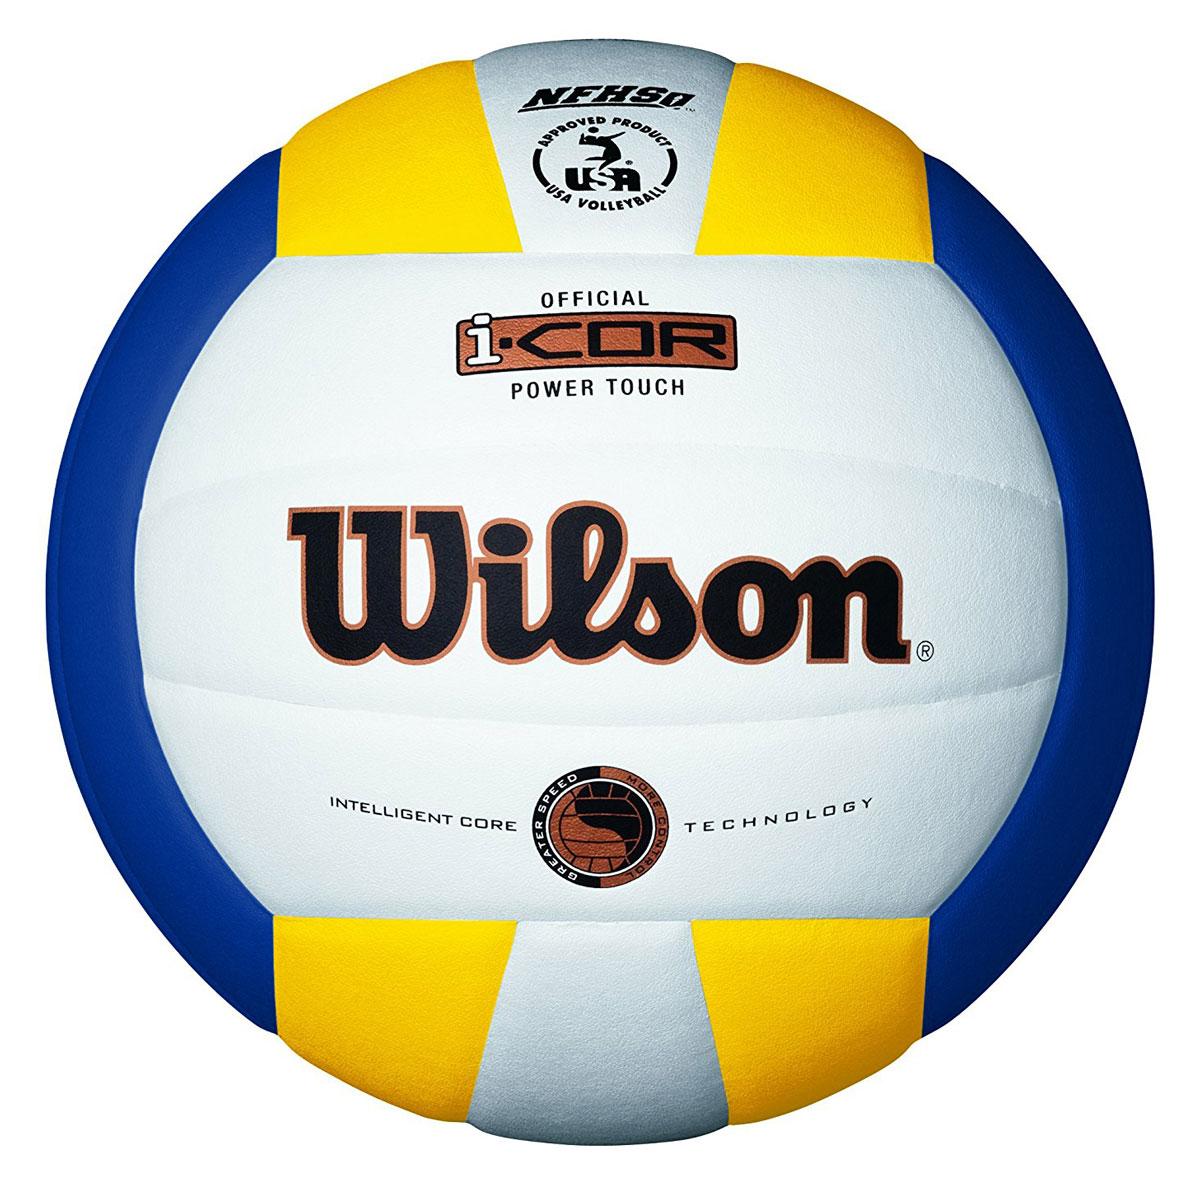 Мяч волейбольный Wilson I-Core Power Touch, цвет: белый, синий, желтый, диаметр 20 смWTH7720XYWBВолейбольный мяч Wilson I-Core Power Touch вобрал в себя все лучшие технологии для комфортных тренировок и игр команд любого уровня. Поверхность мяча выполнена из высокотехнологичного композитного материала на основе микрофибры, с применением технологии Soft Touch, имитирующей по ощущениям натуральную кожу и обеспечивающей правильный отскок. Мяч оснащен бутиловой камерой.Диаметр мяча: 20 см.УВАЖЕМЫЕ КЛИЕНТЫ!Обращаем ваше внимание на тот факт, что насос в комплект не входит.